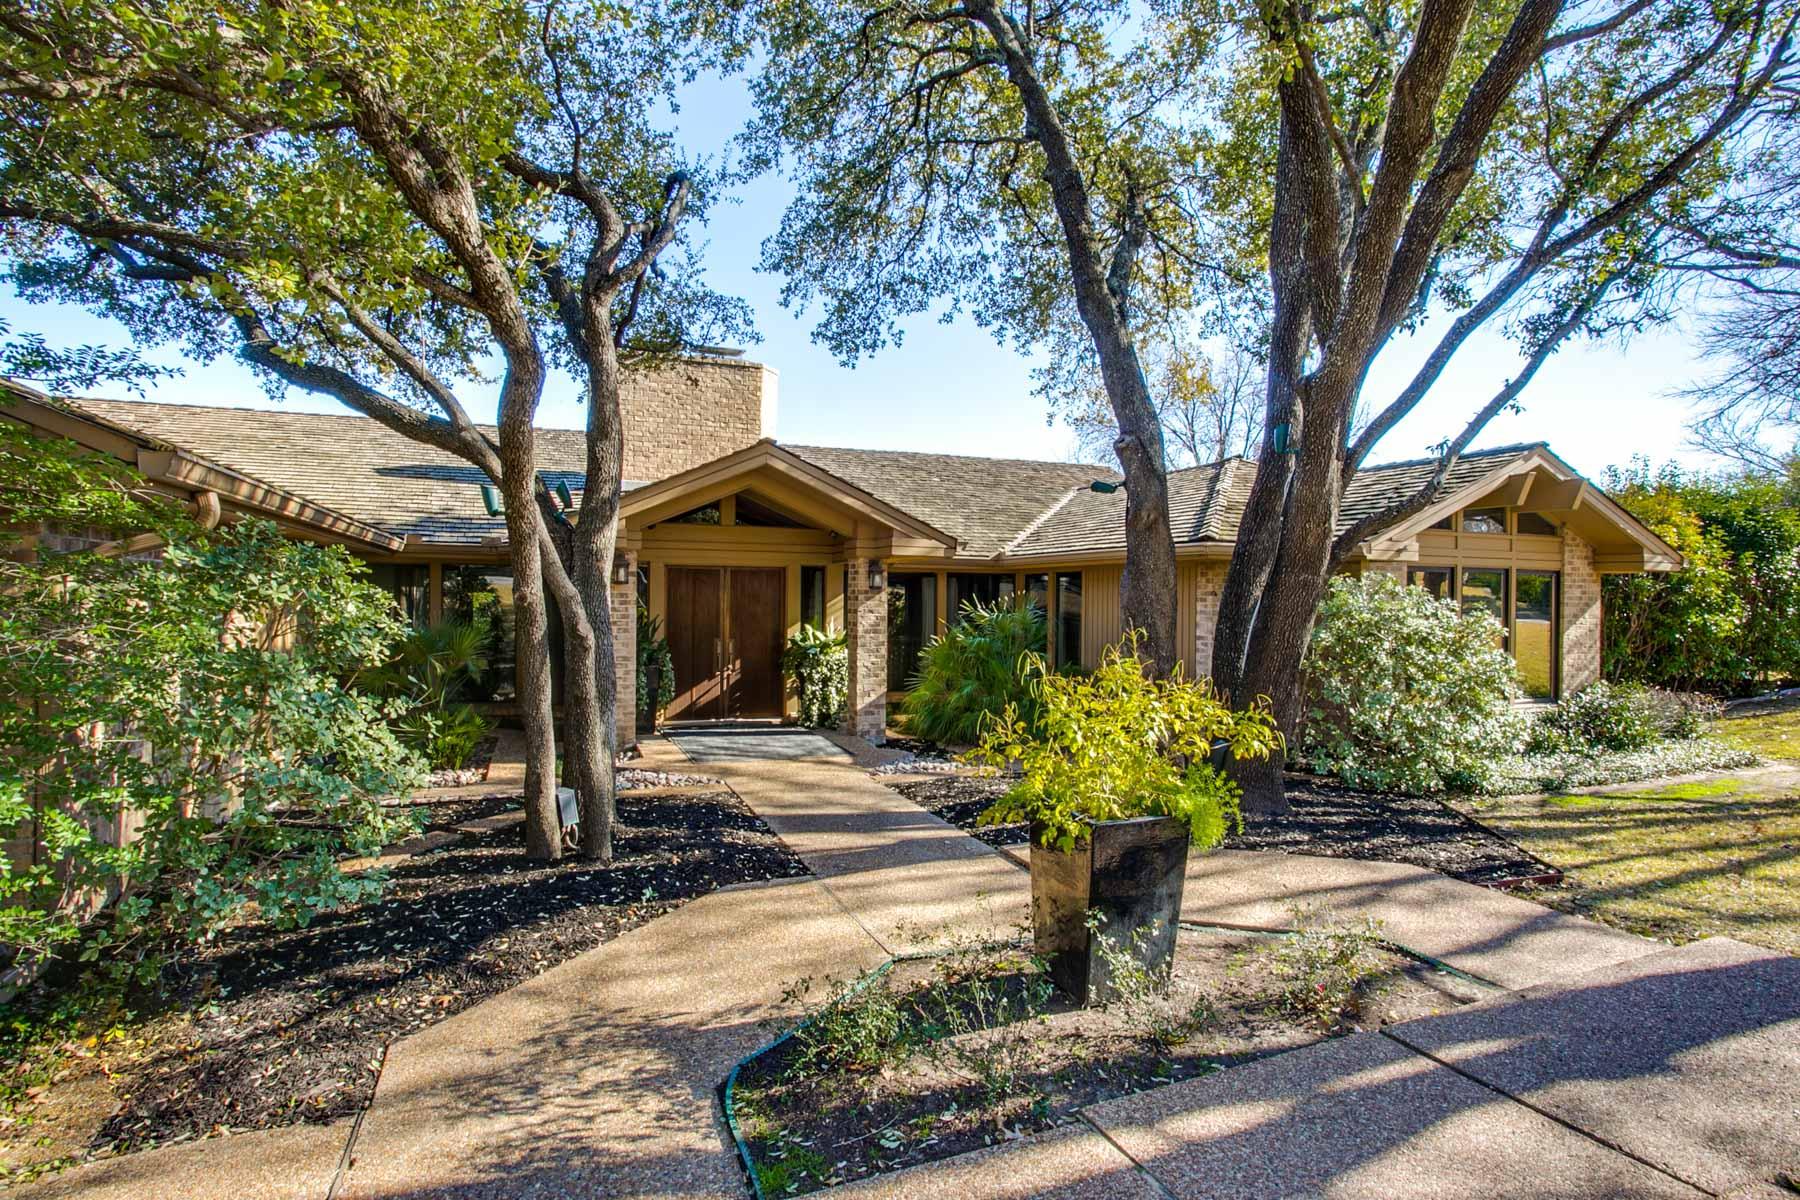 一戸建て のために 売買 アット Westover Hills Cul-De-Sac One-Story Gem 1513 Shady Oaks Lane Westover Hills, テキサス, 76107 アメリカ合衆国